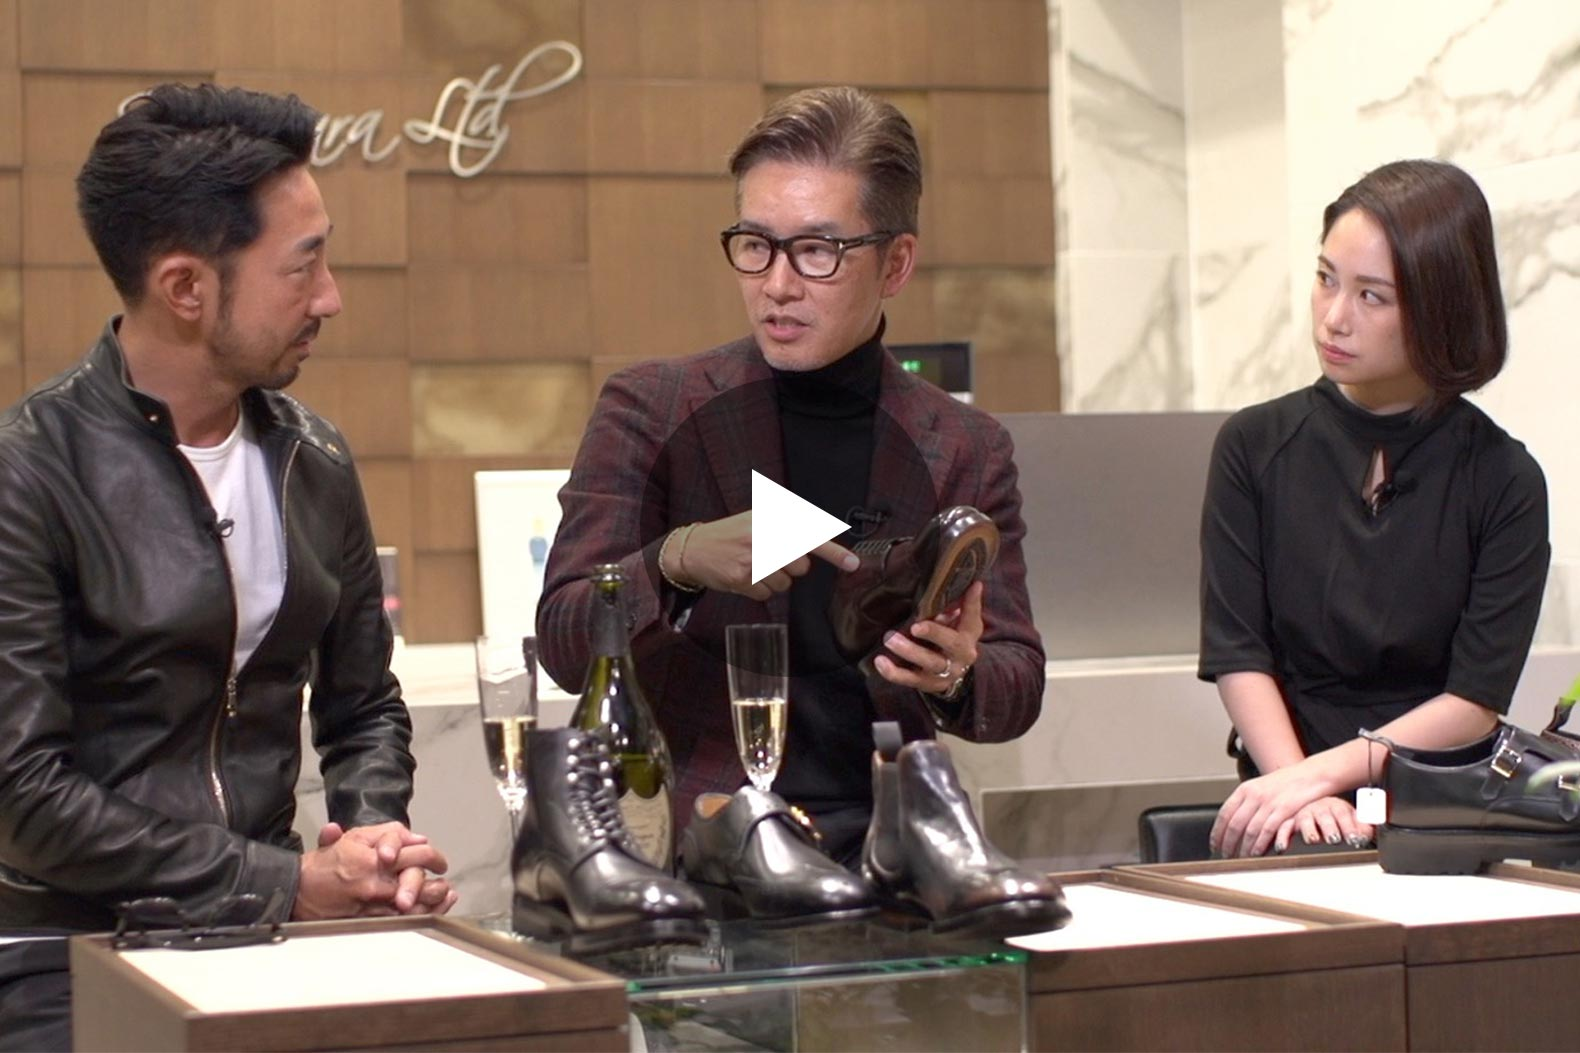 今知っておくべき良い靴の見分け方! 足元のコーデテクニックも教えます